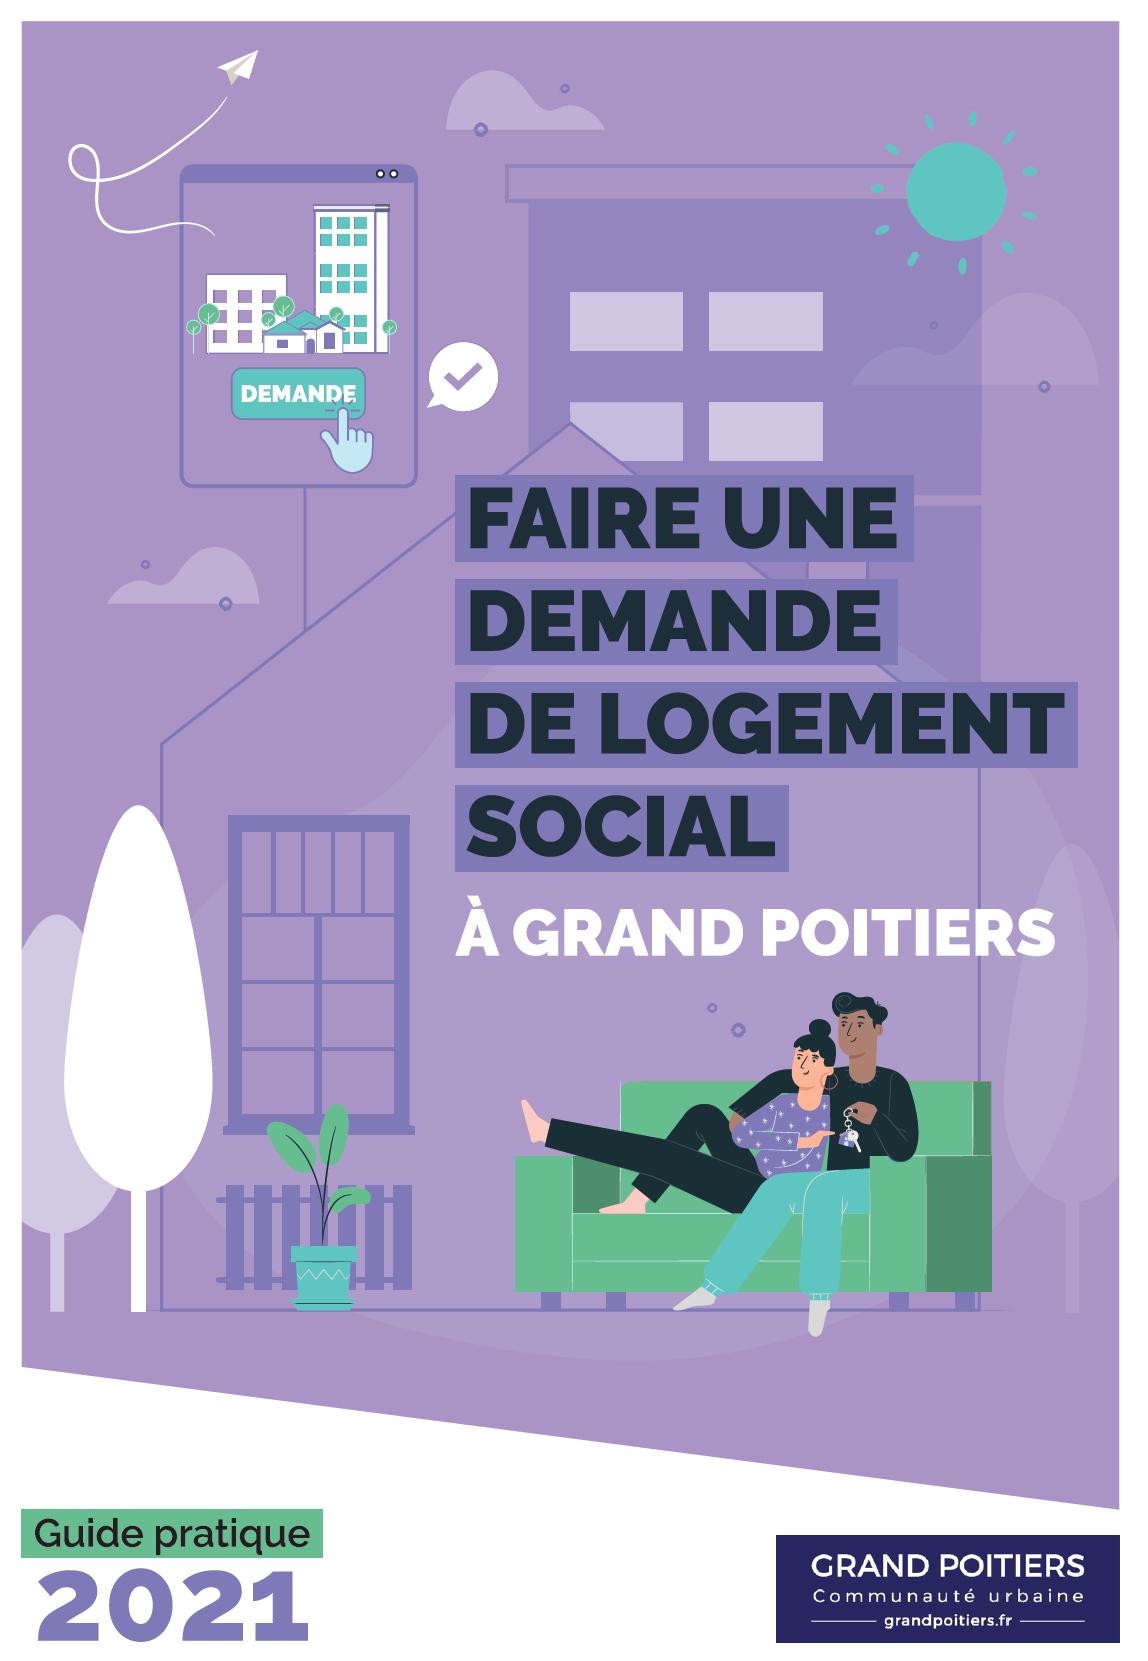 Comment faire une demande de logement social à Grand Poitiers